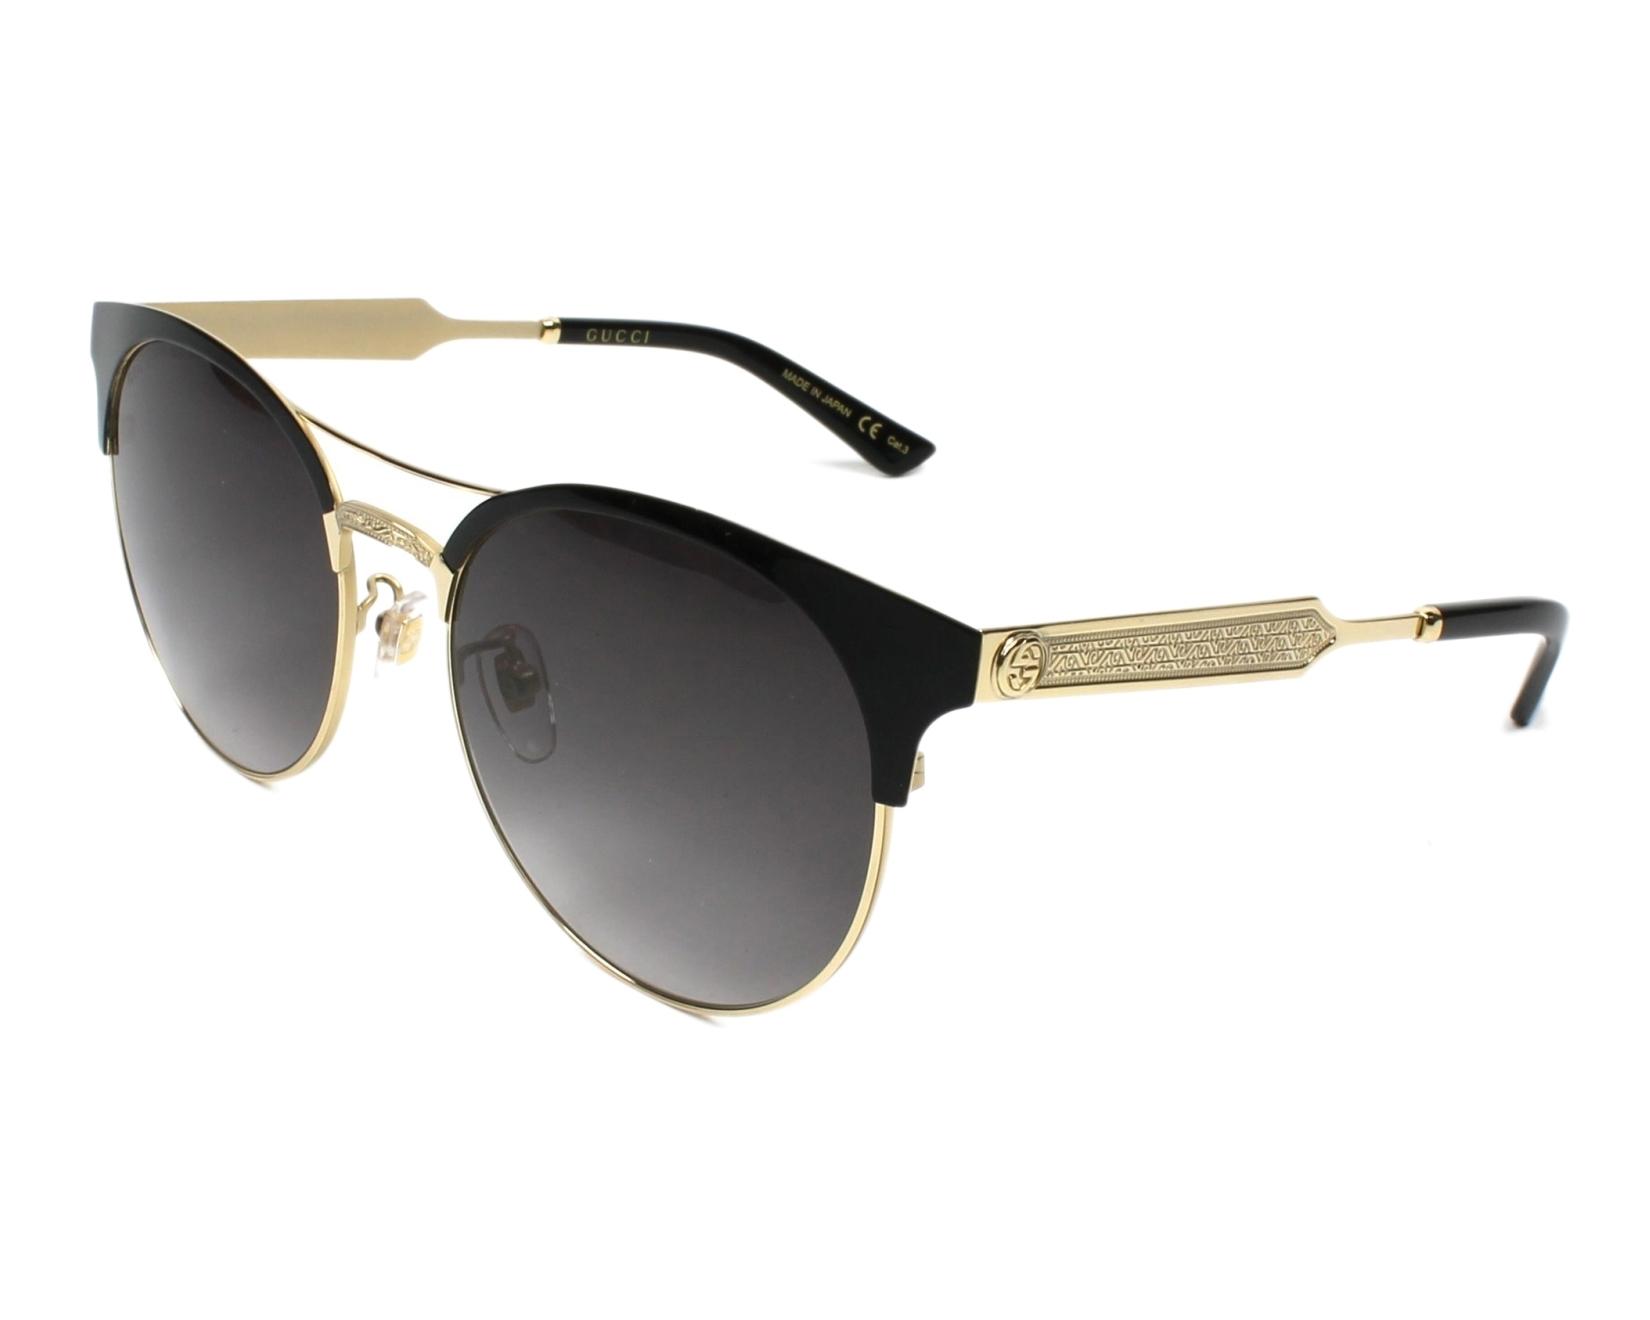 Gucci GG 0075S 002 Größe 56 hb2iE4I9